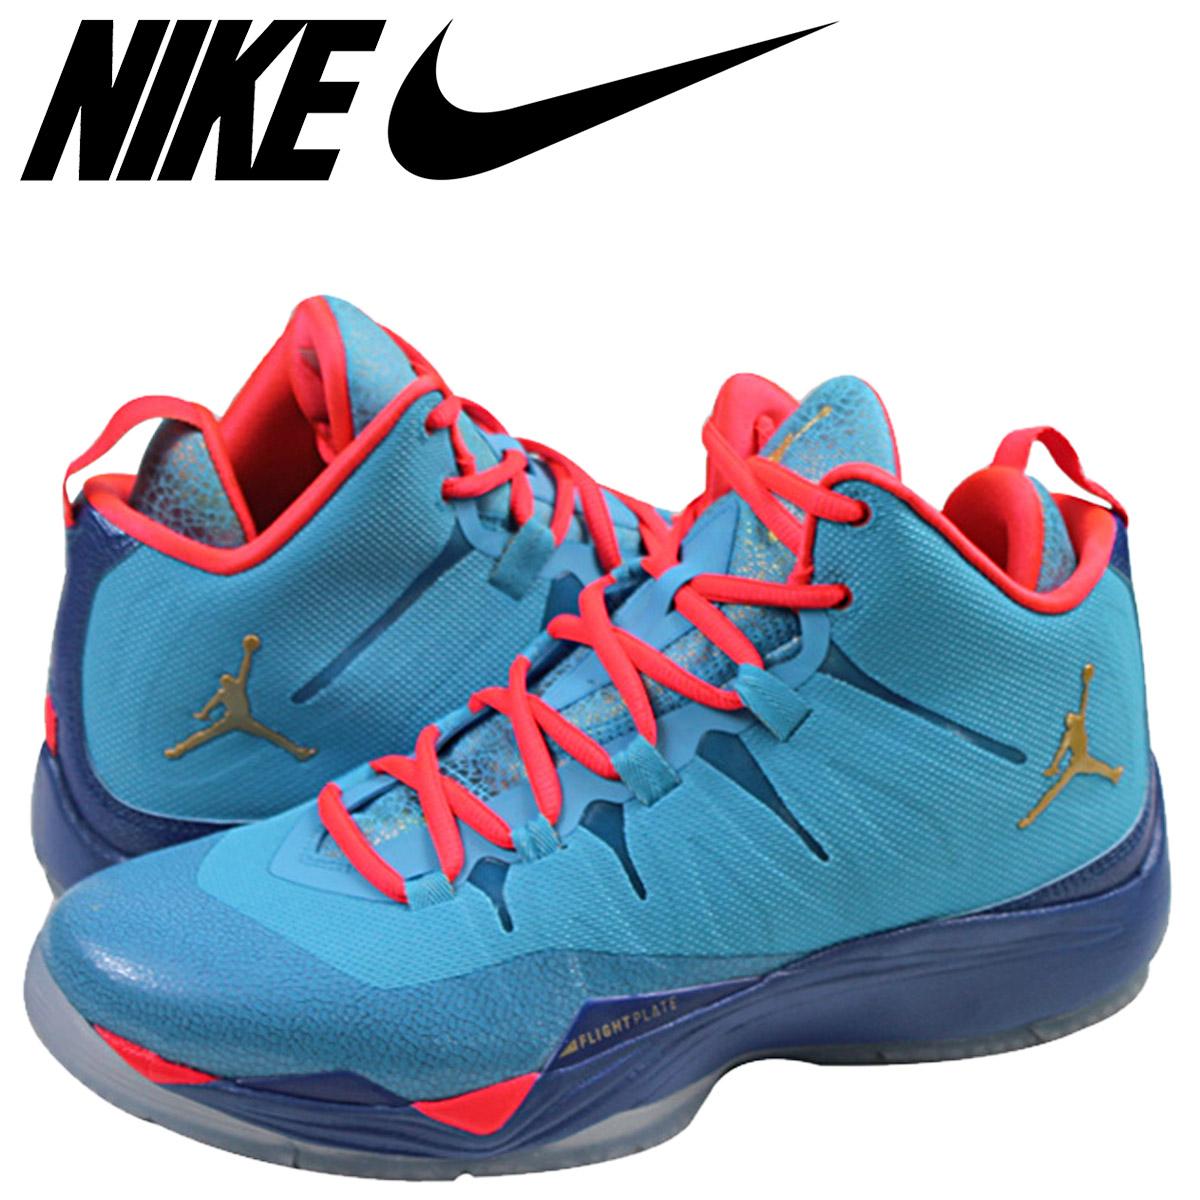 3dc7ec33699e9 NIKE Nike Air Jordan sneakers AIR JORDAN SUPER FLY 2 ALLSTAR Air Jordan  Superfly 2 all star 656326-423 green mens